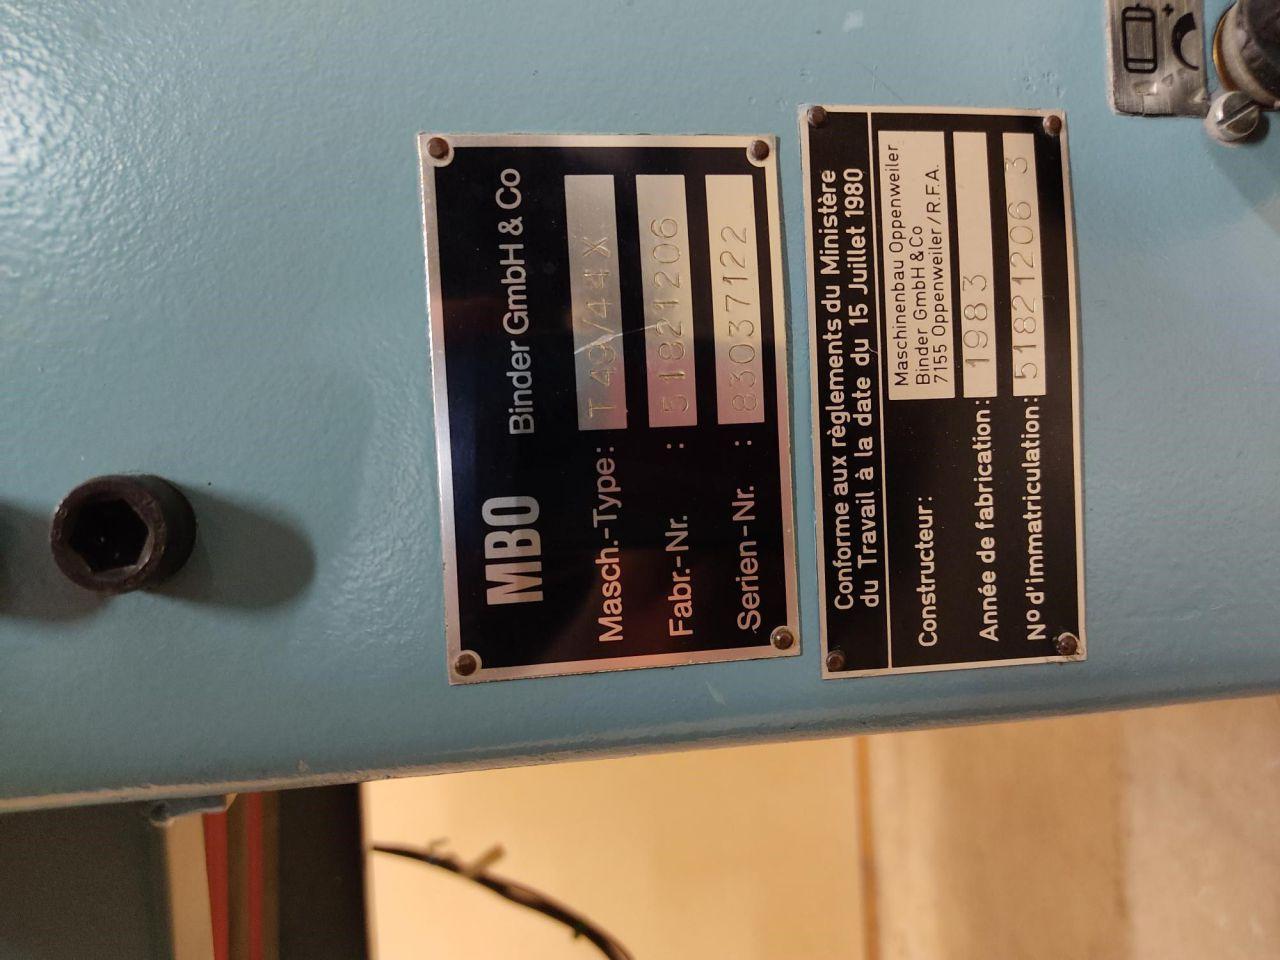 MBO T 49, Rocznik : 1983, ref.71647 | www.coci-sa.com/pl | 71647n.jpg